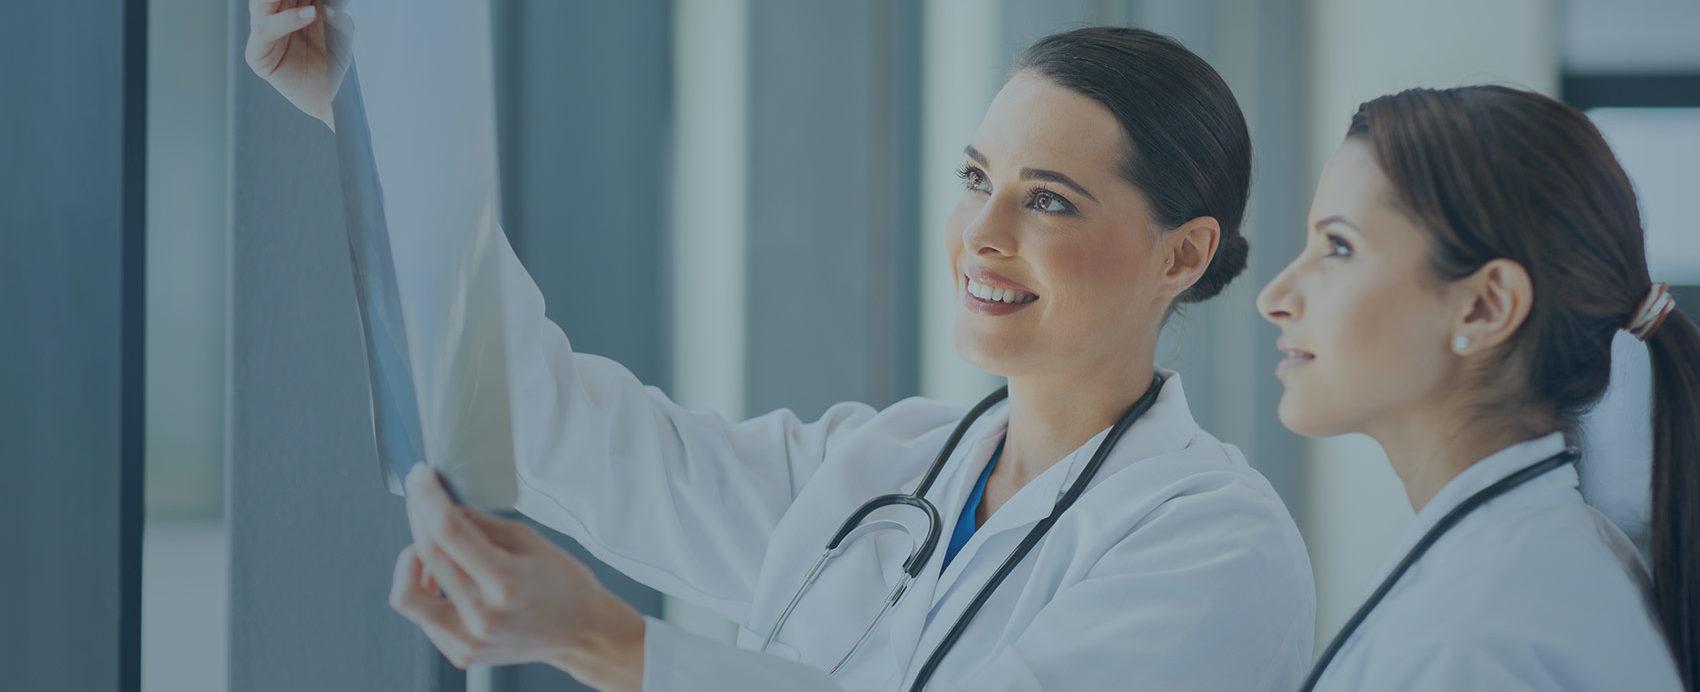 Terapeuta sprawdza wyniki badania kręgosłupa